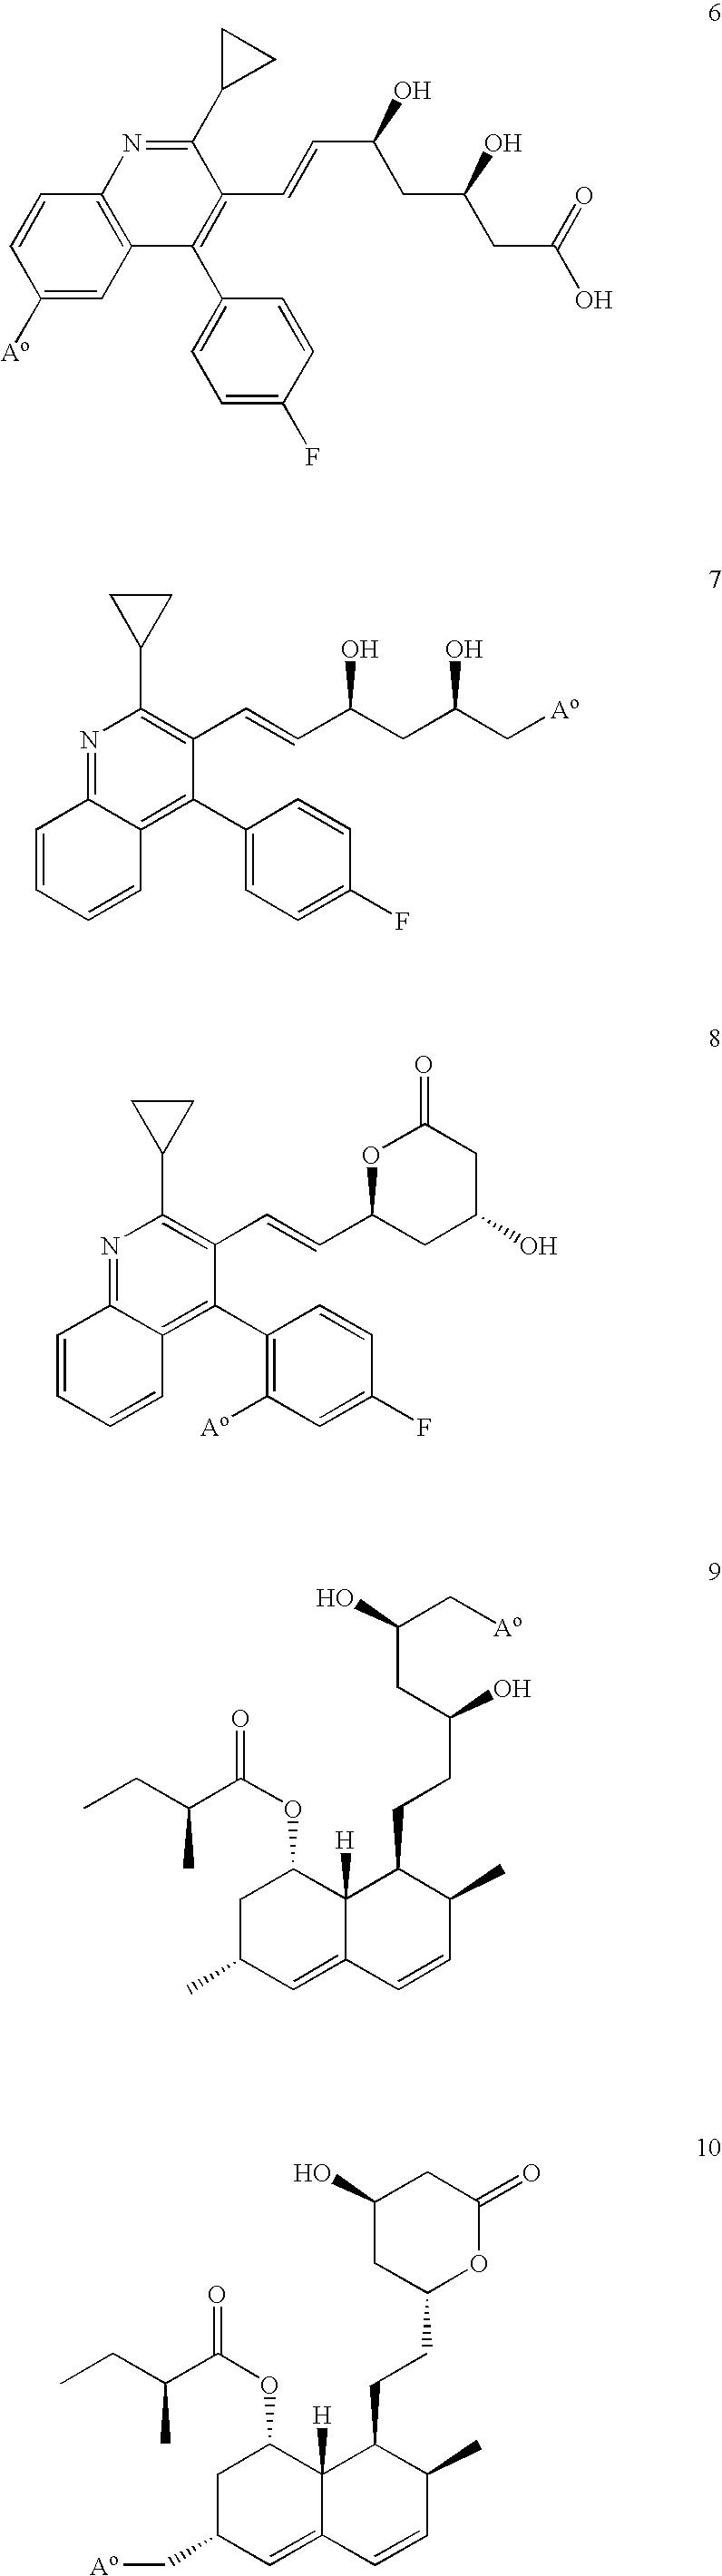 Figure US07407965-20080805-C00011